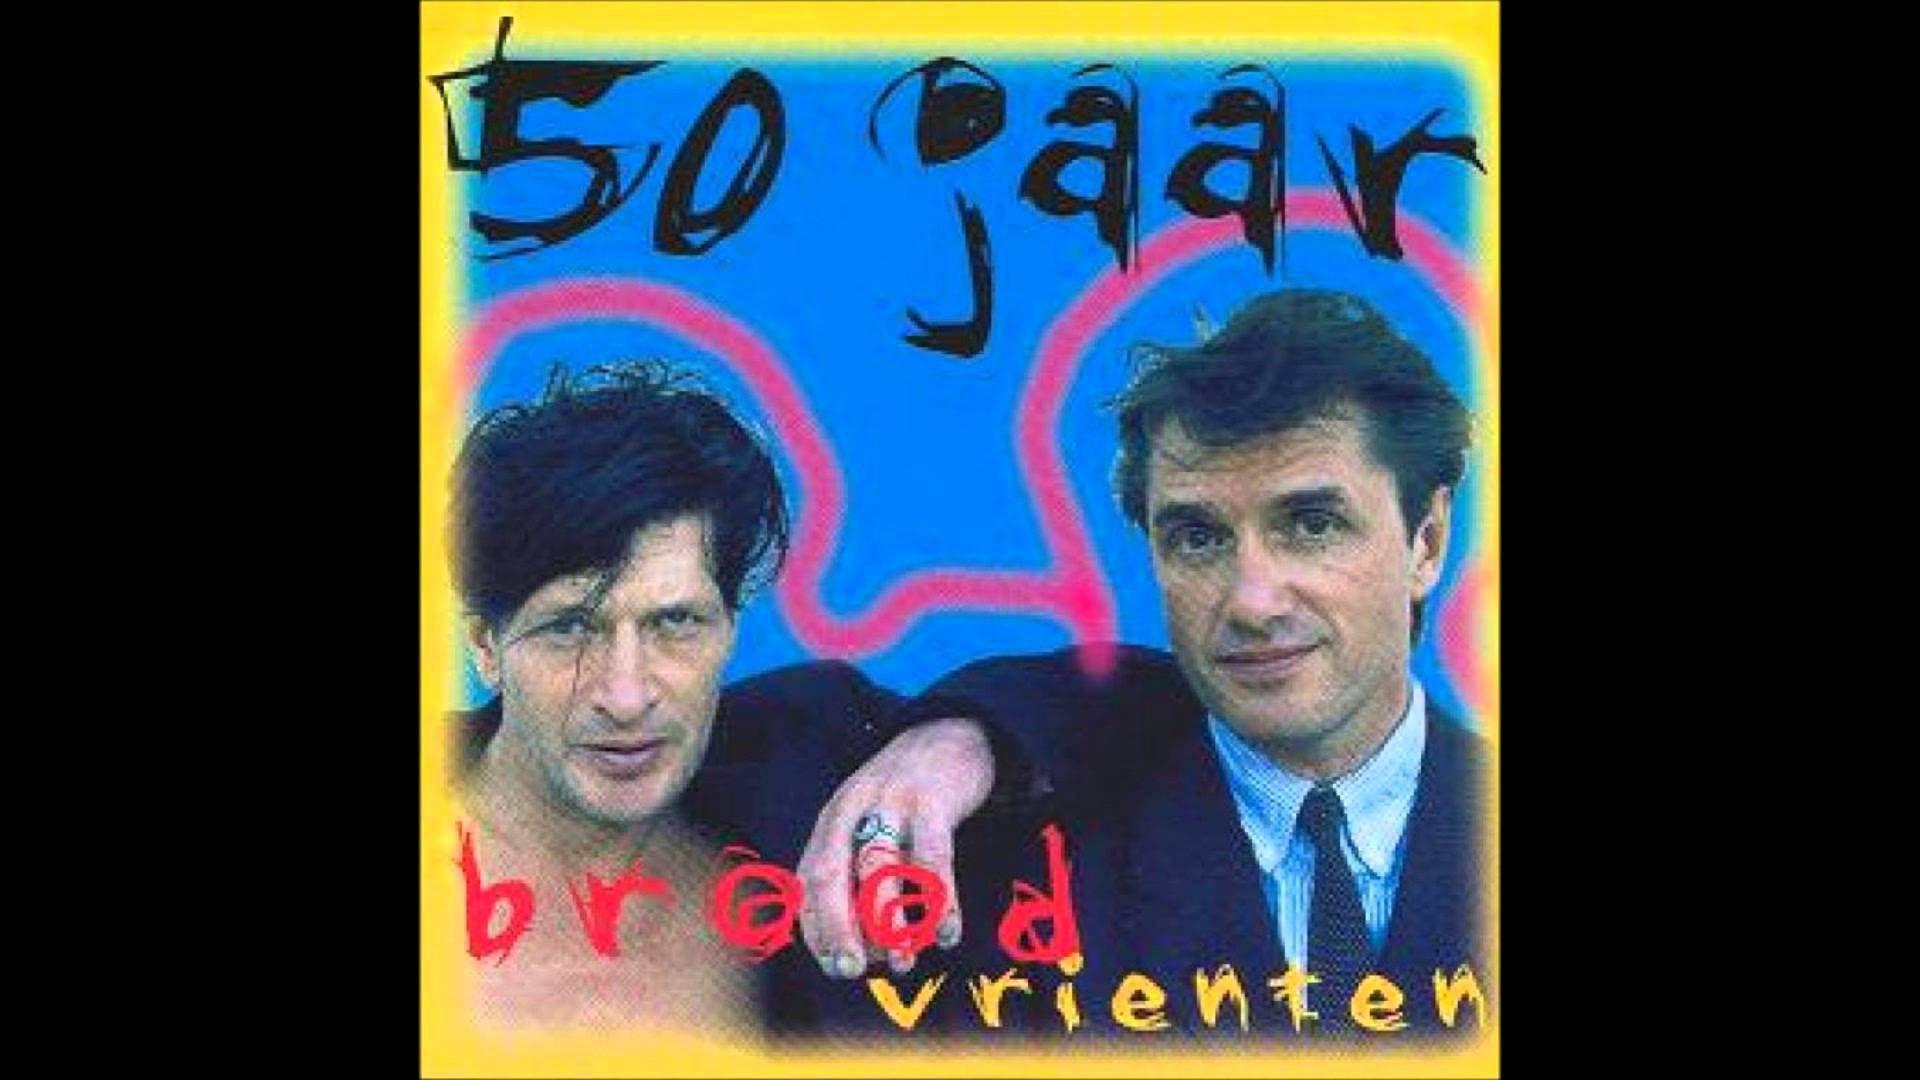 50 jaar herman brood Herman Brood & Henny Vrienten   50 Jaar   50 jaar Top 40 (I  50 jaar herman brood